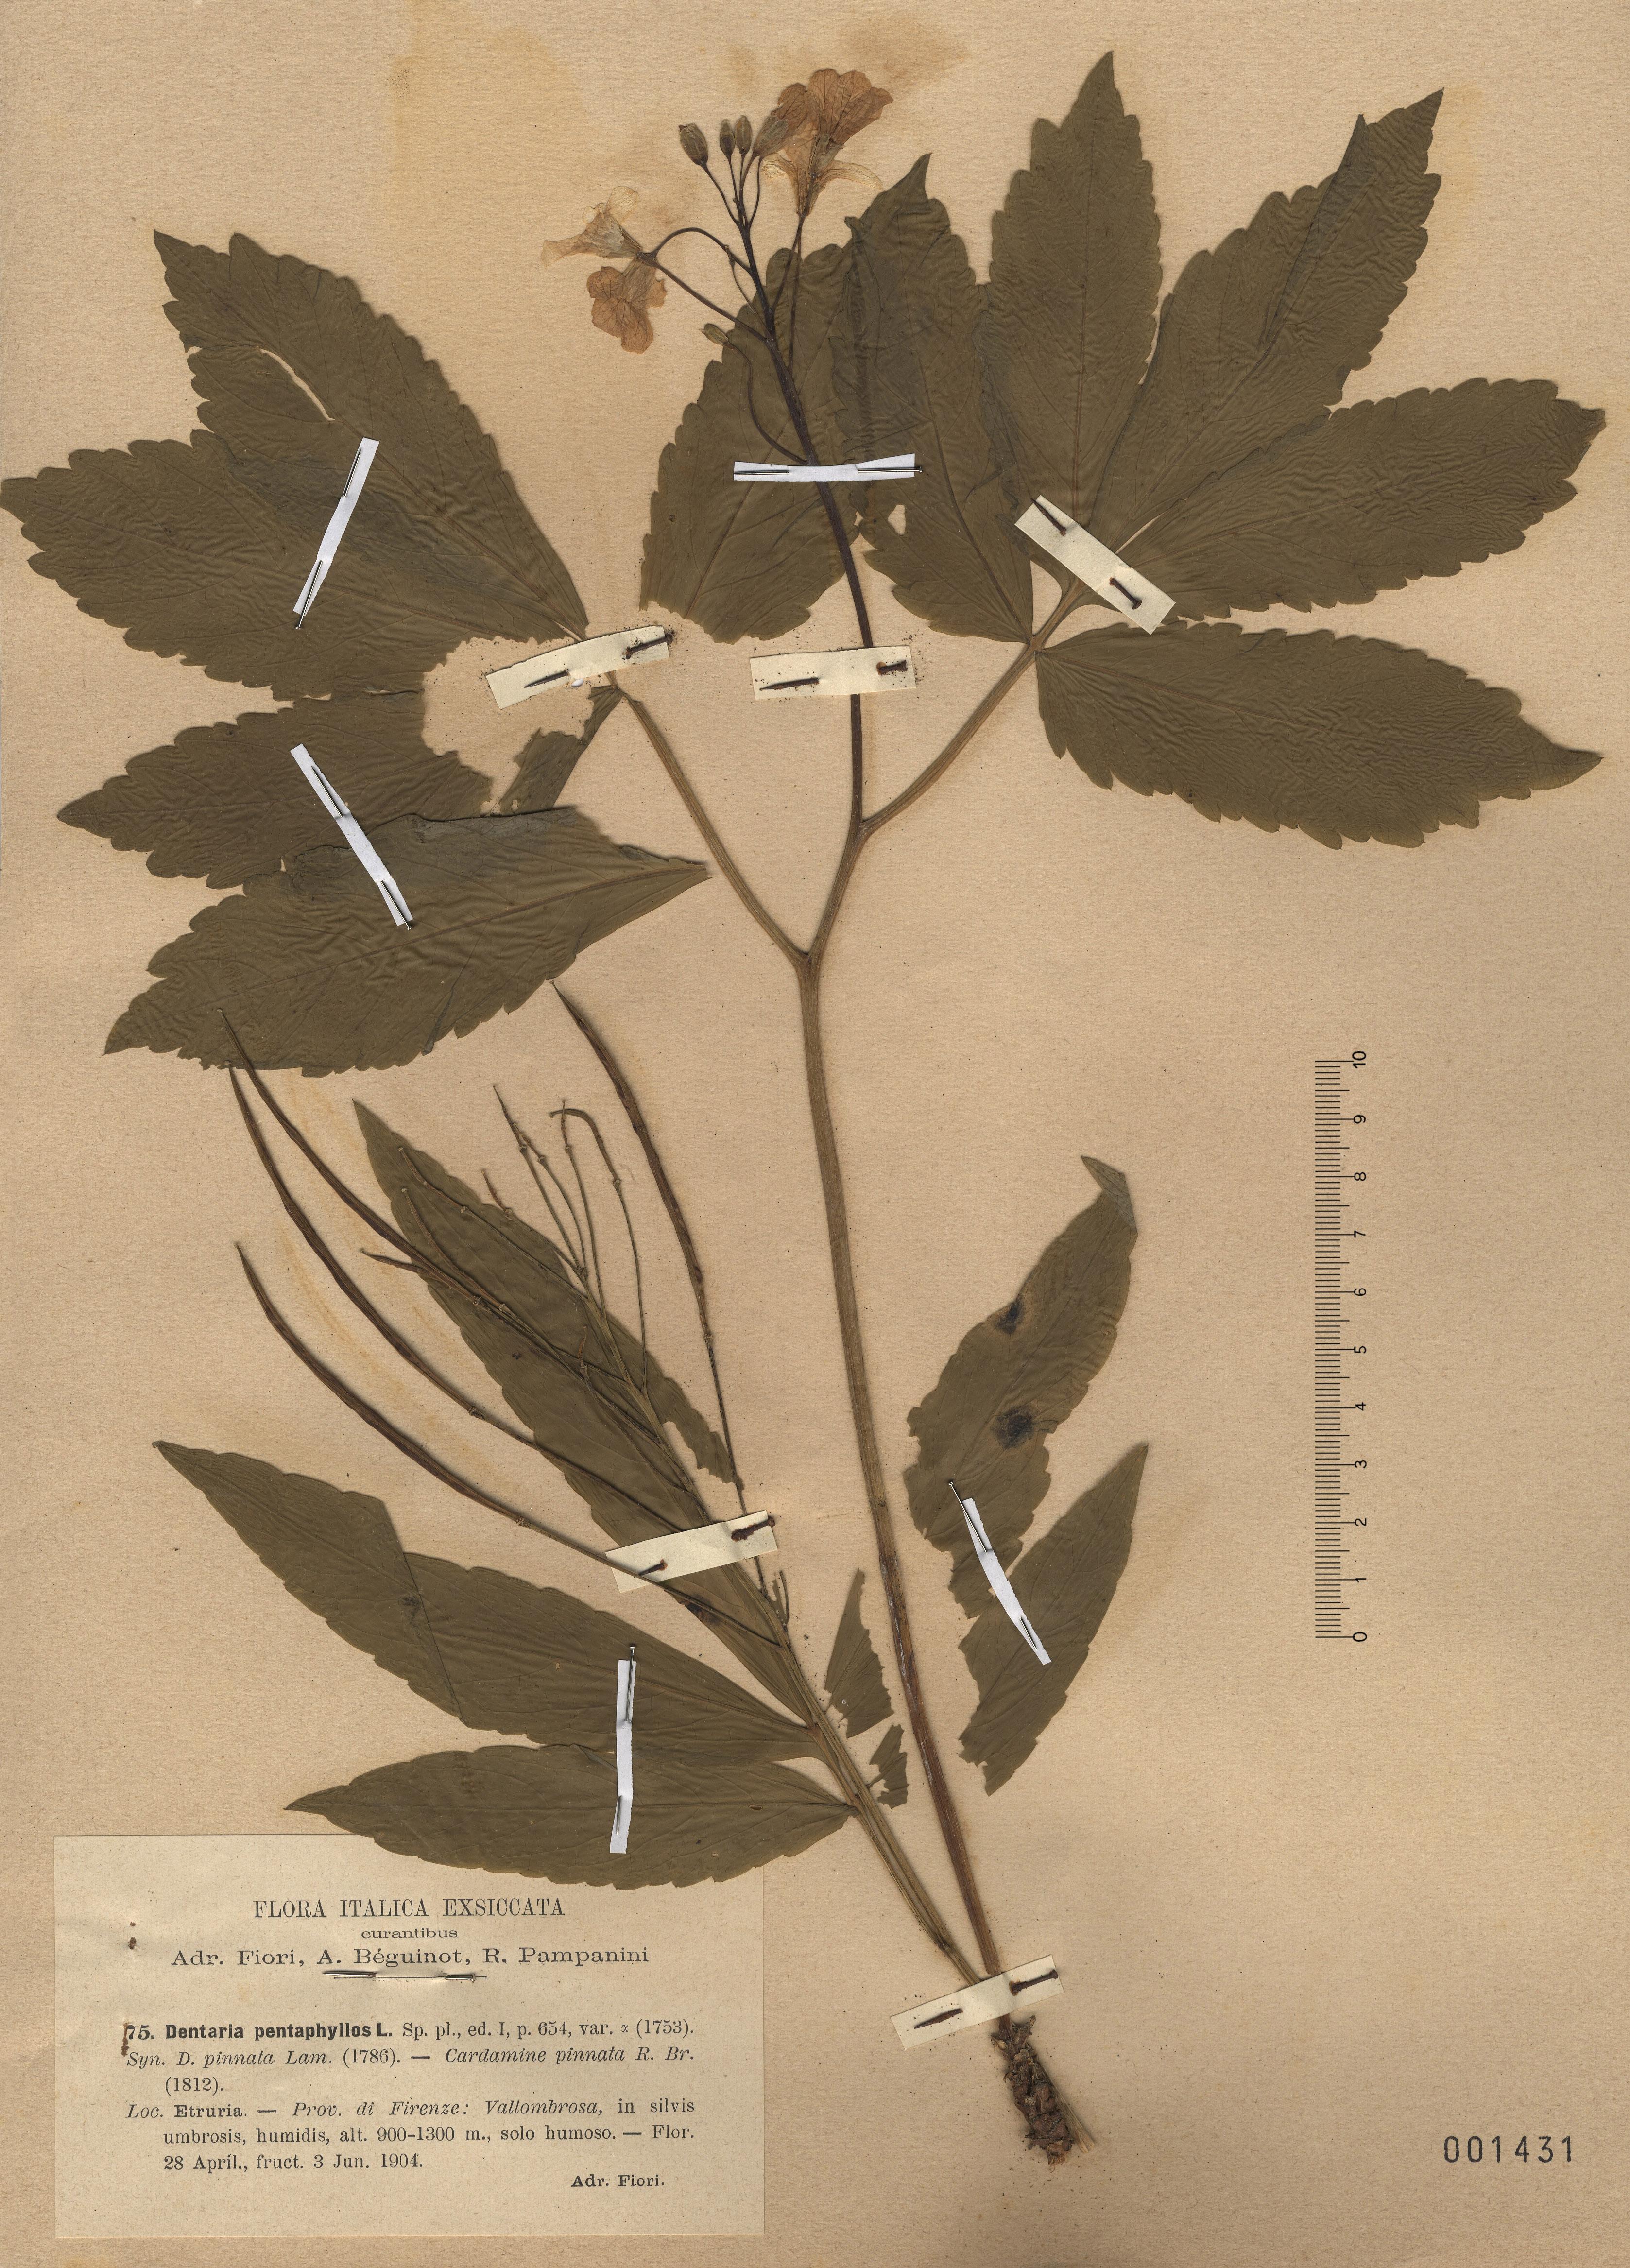 © Hortus Botanicus Catinensis - Herb. sheet 001431<br>